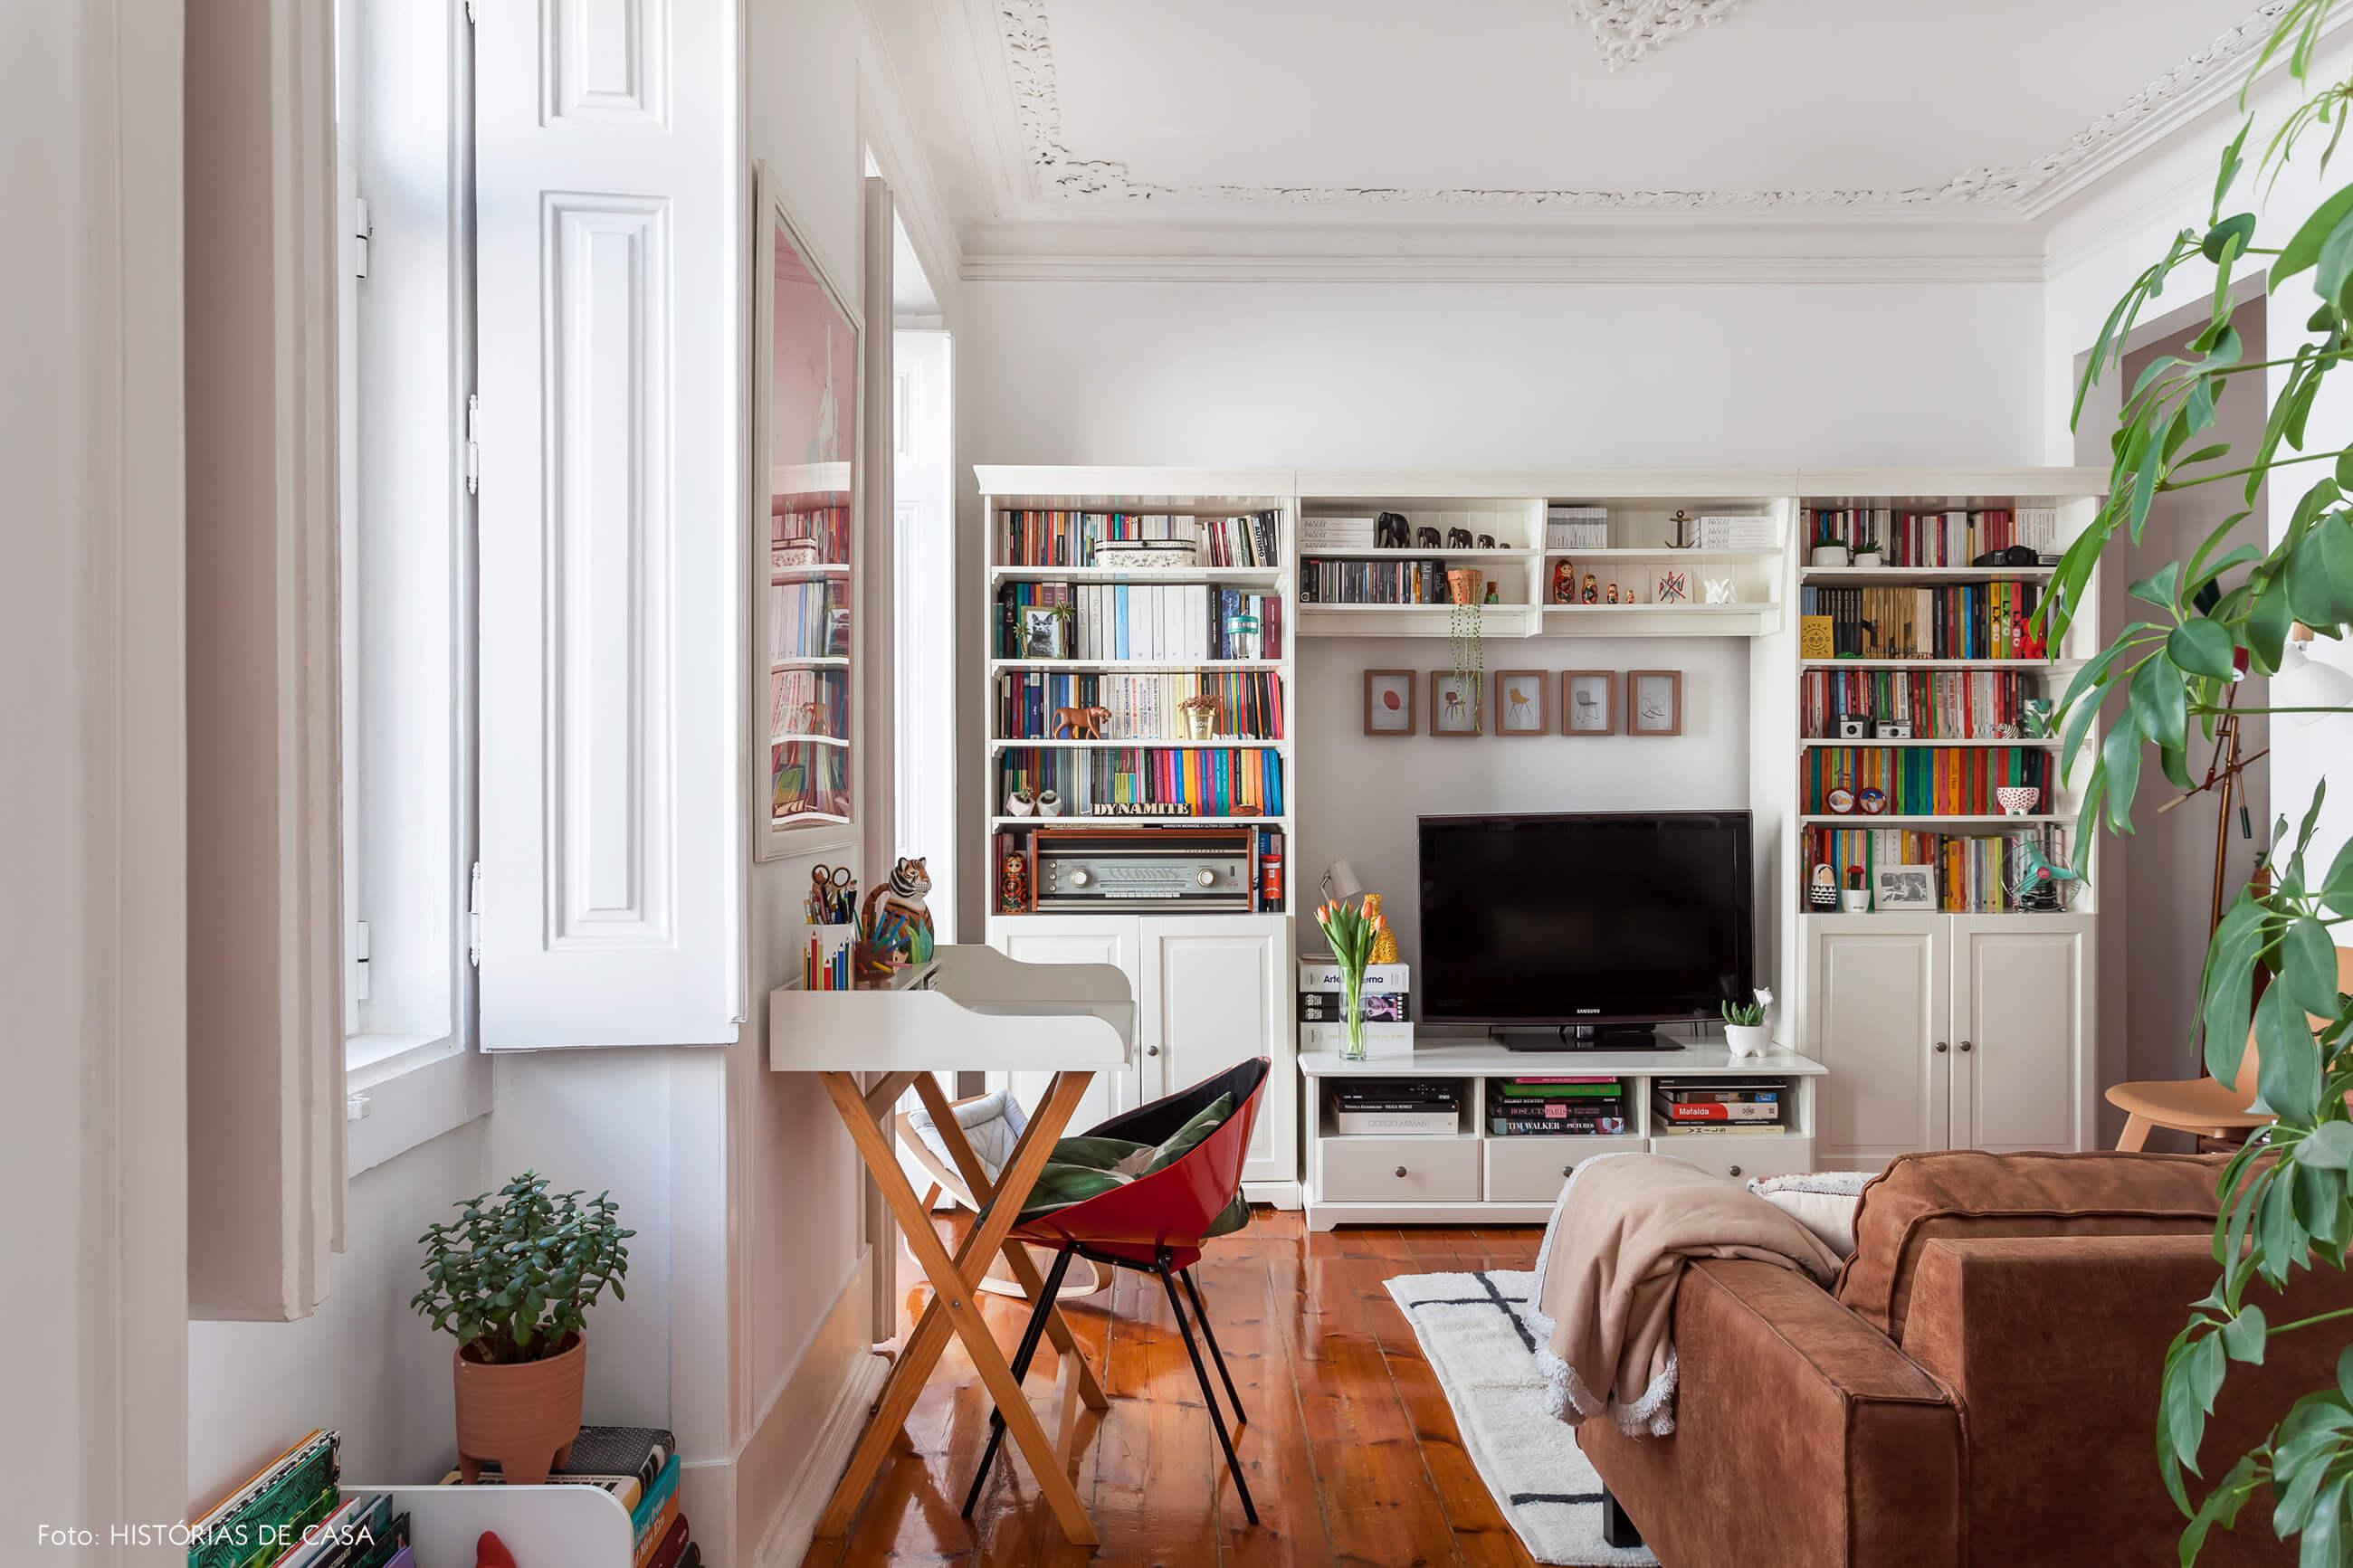 Apartamento em Portugal, sala com estantes ao redor da televisão